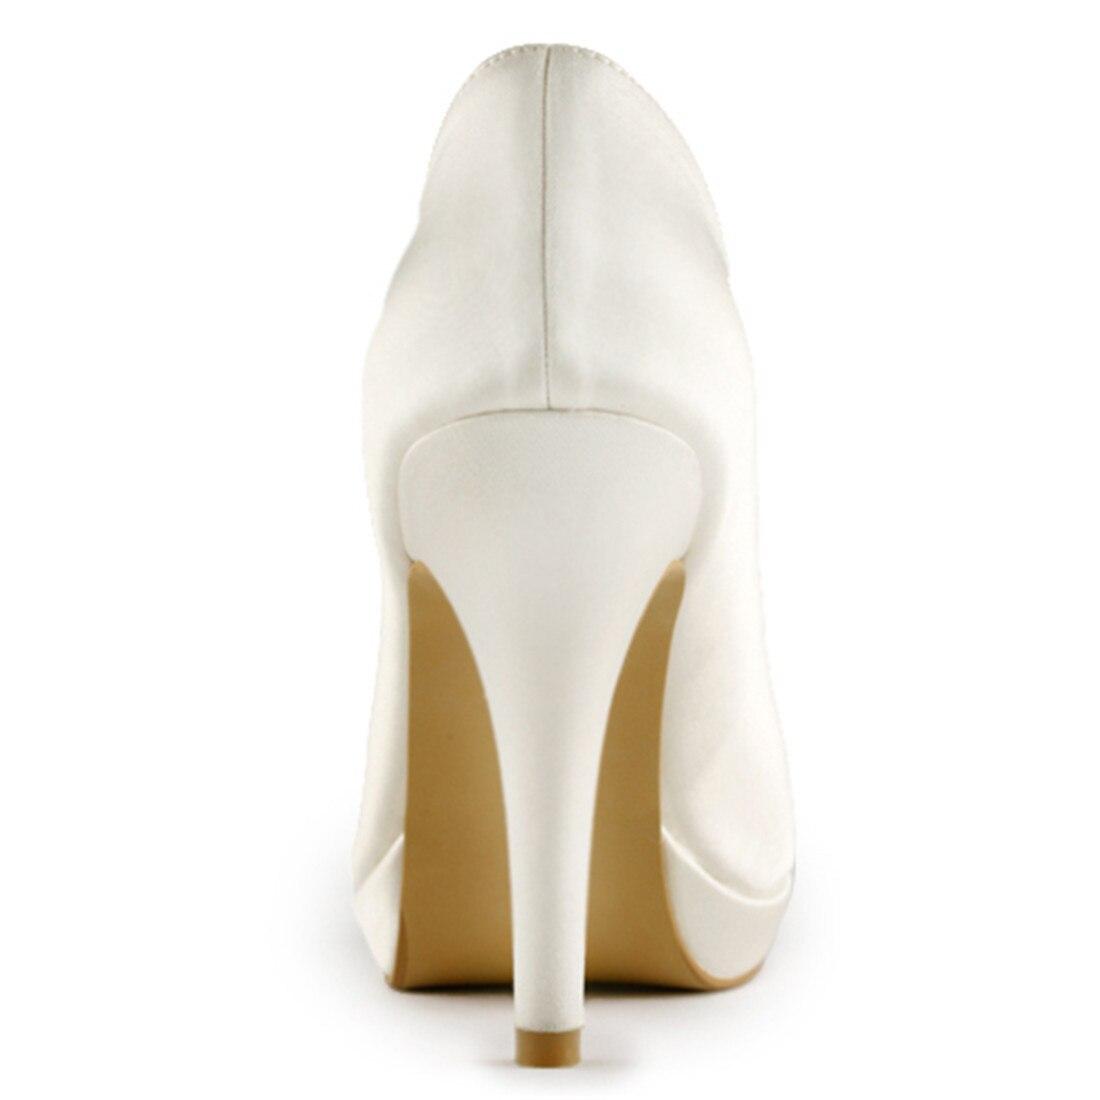 Élégant mince talons hauts mariée demoiselle d'honneur ivoire blanc Champagne plate forme pompes luxe Satin mariage chaussures Uninnova 521 1 LY - 6